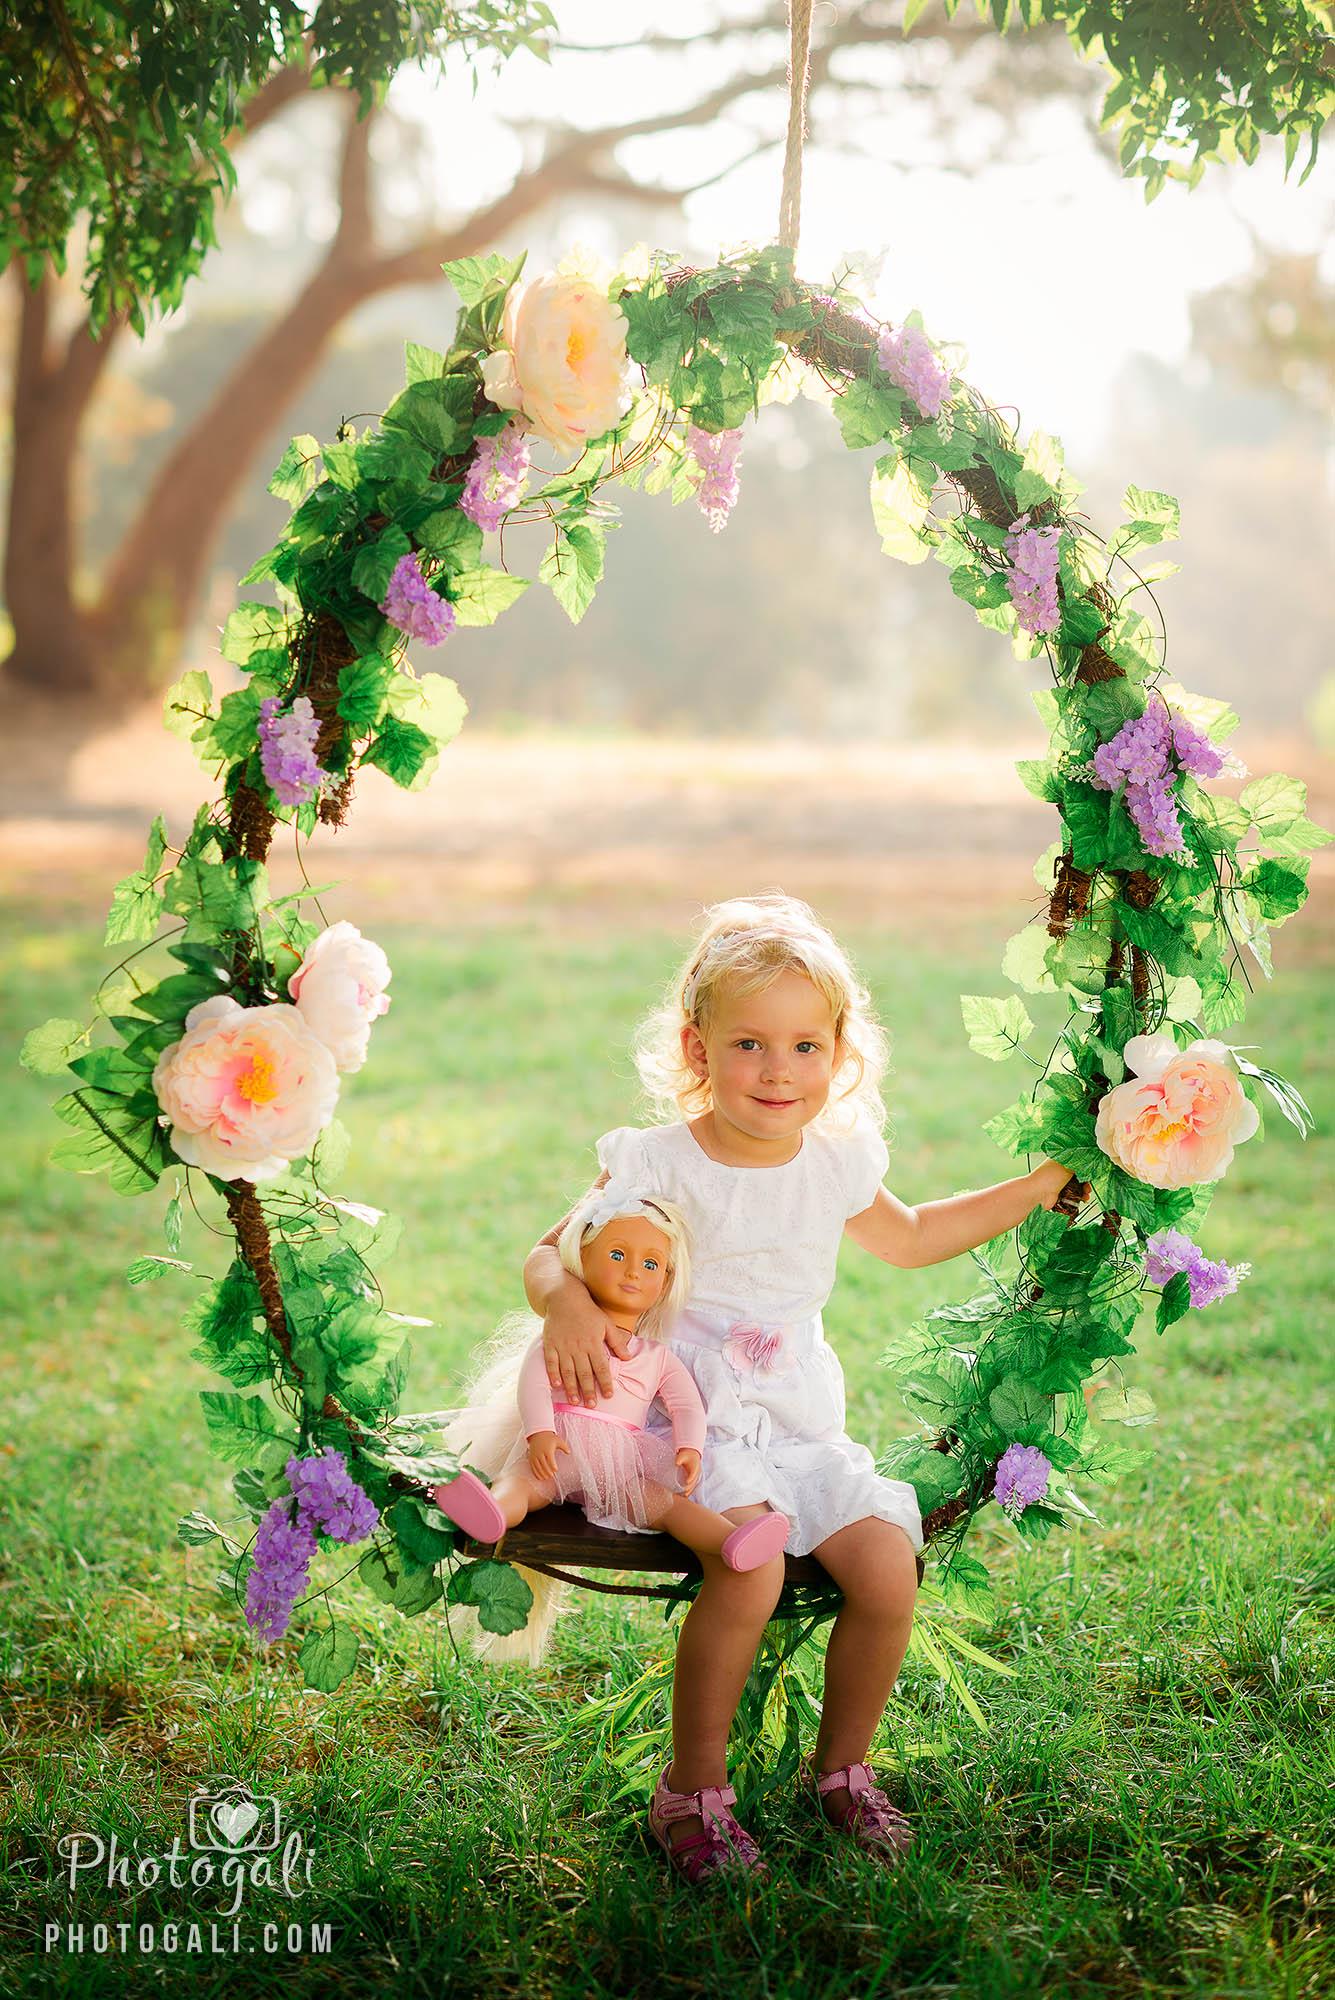 צילום-ילדים-מיוחד (2)